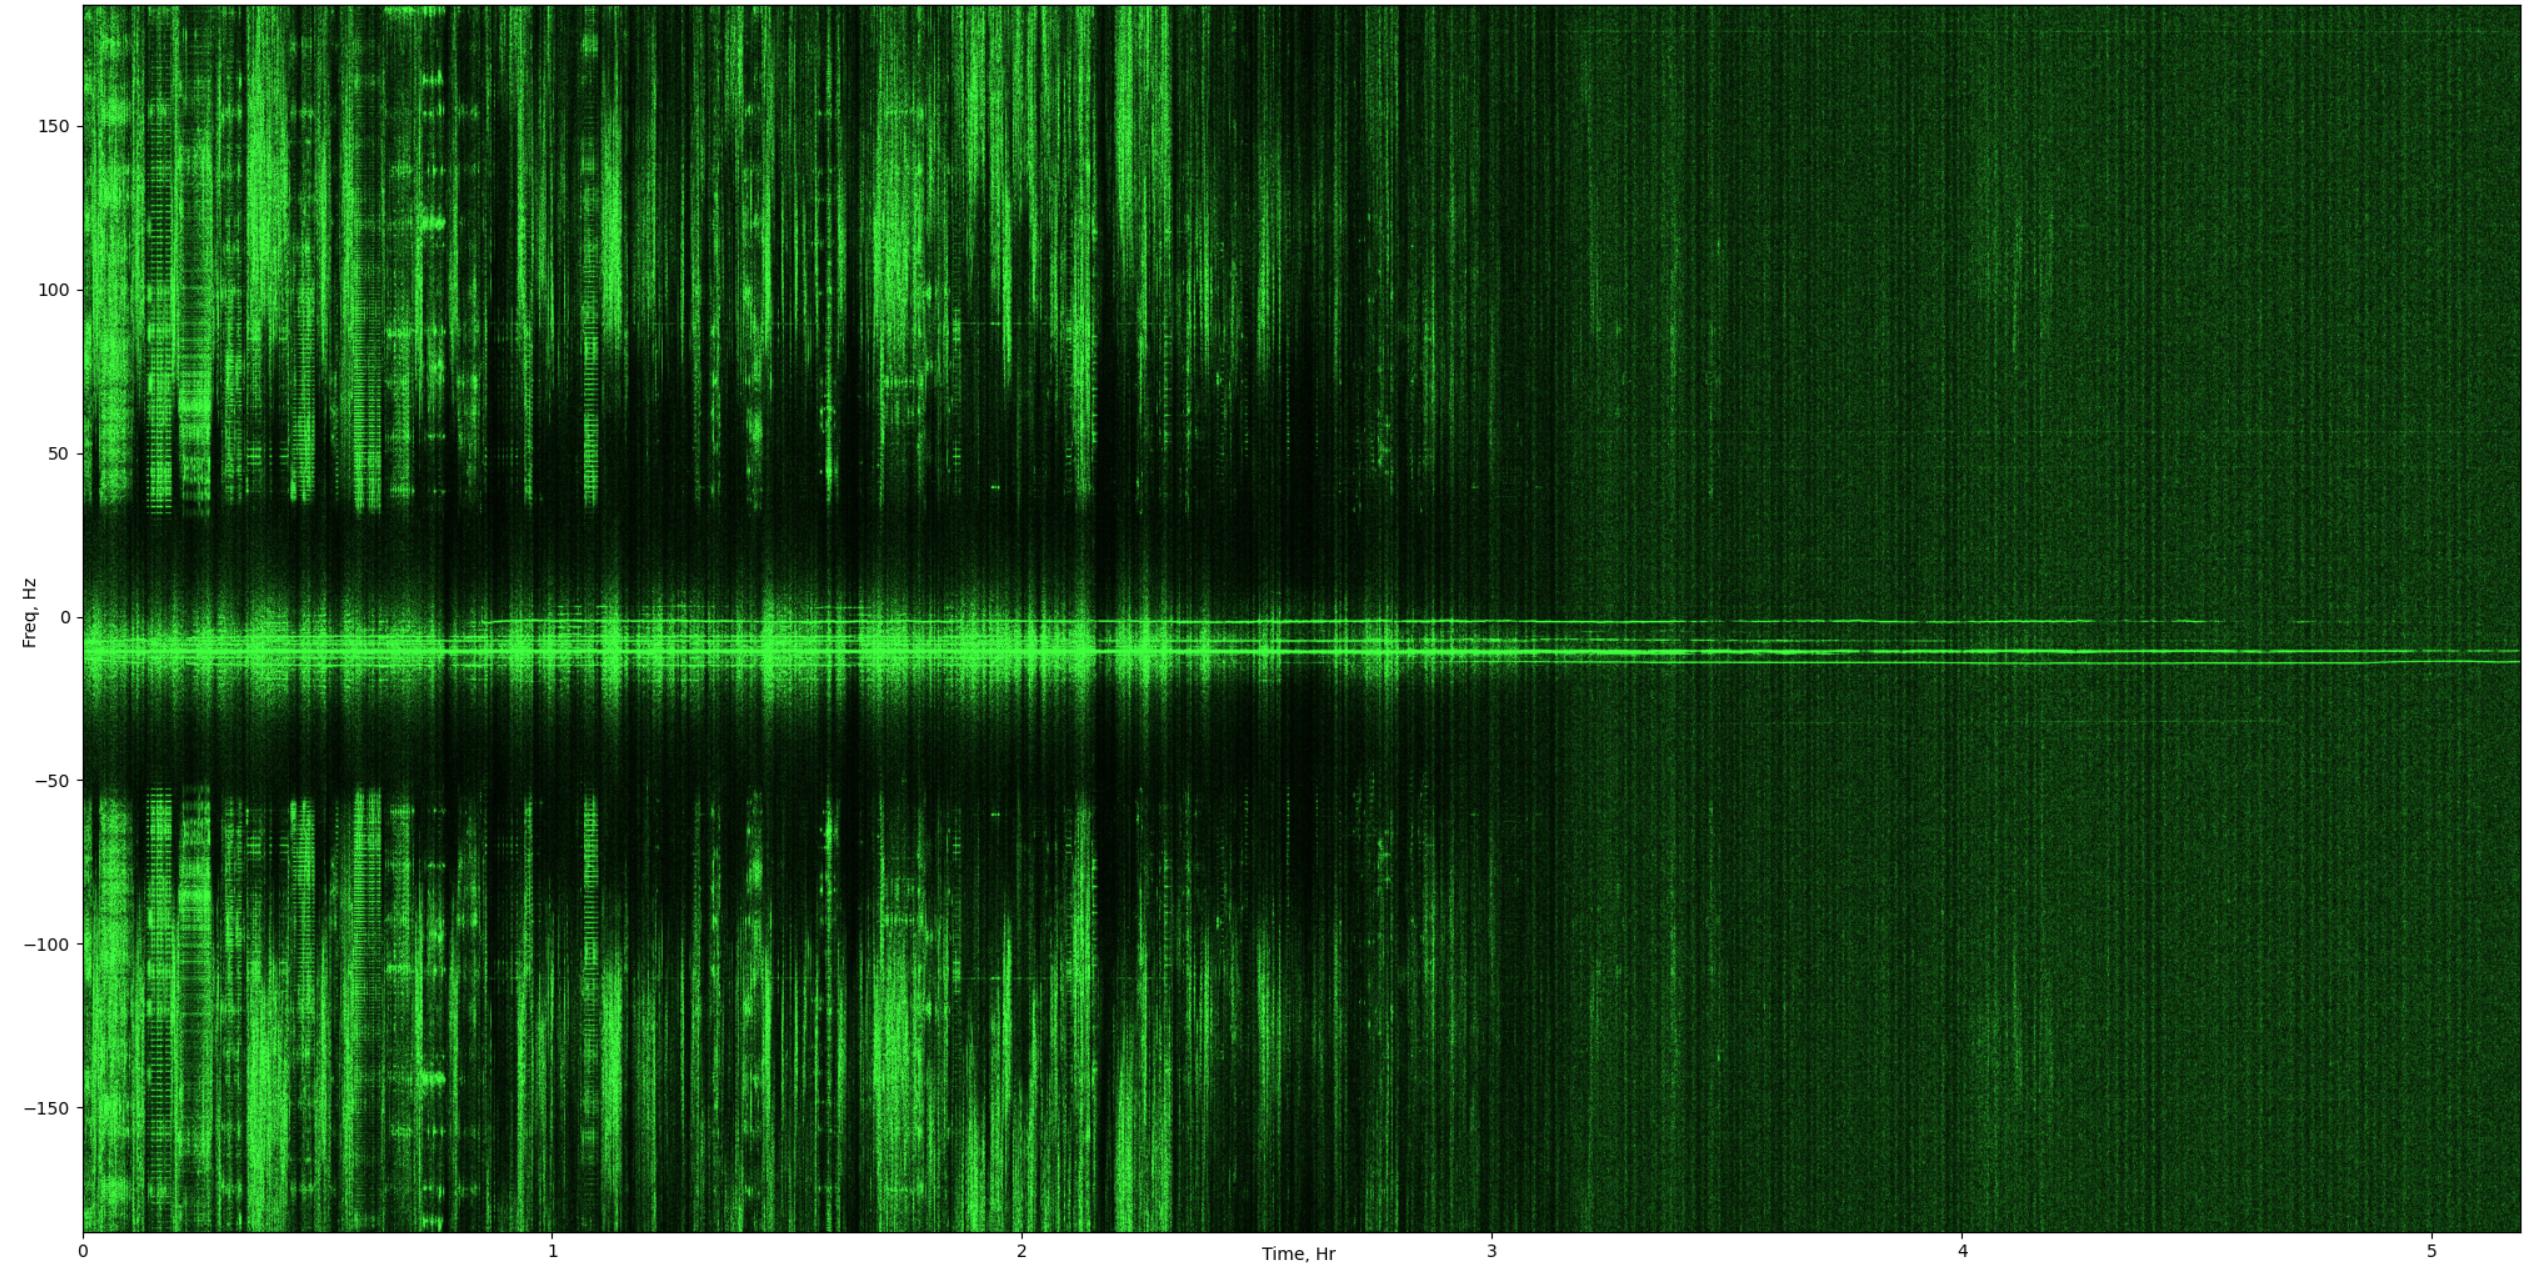 Изучаем распространение радиосигналов в ионосфере с помощью SDR - 5